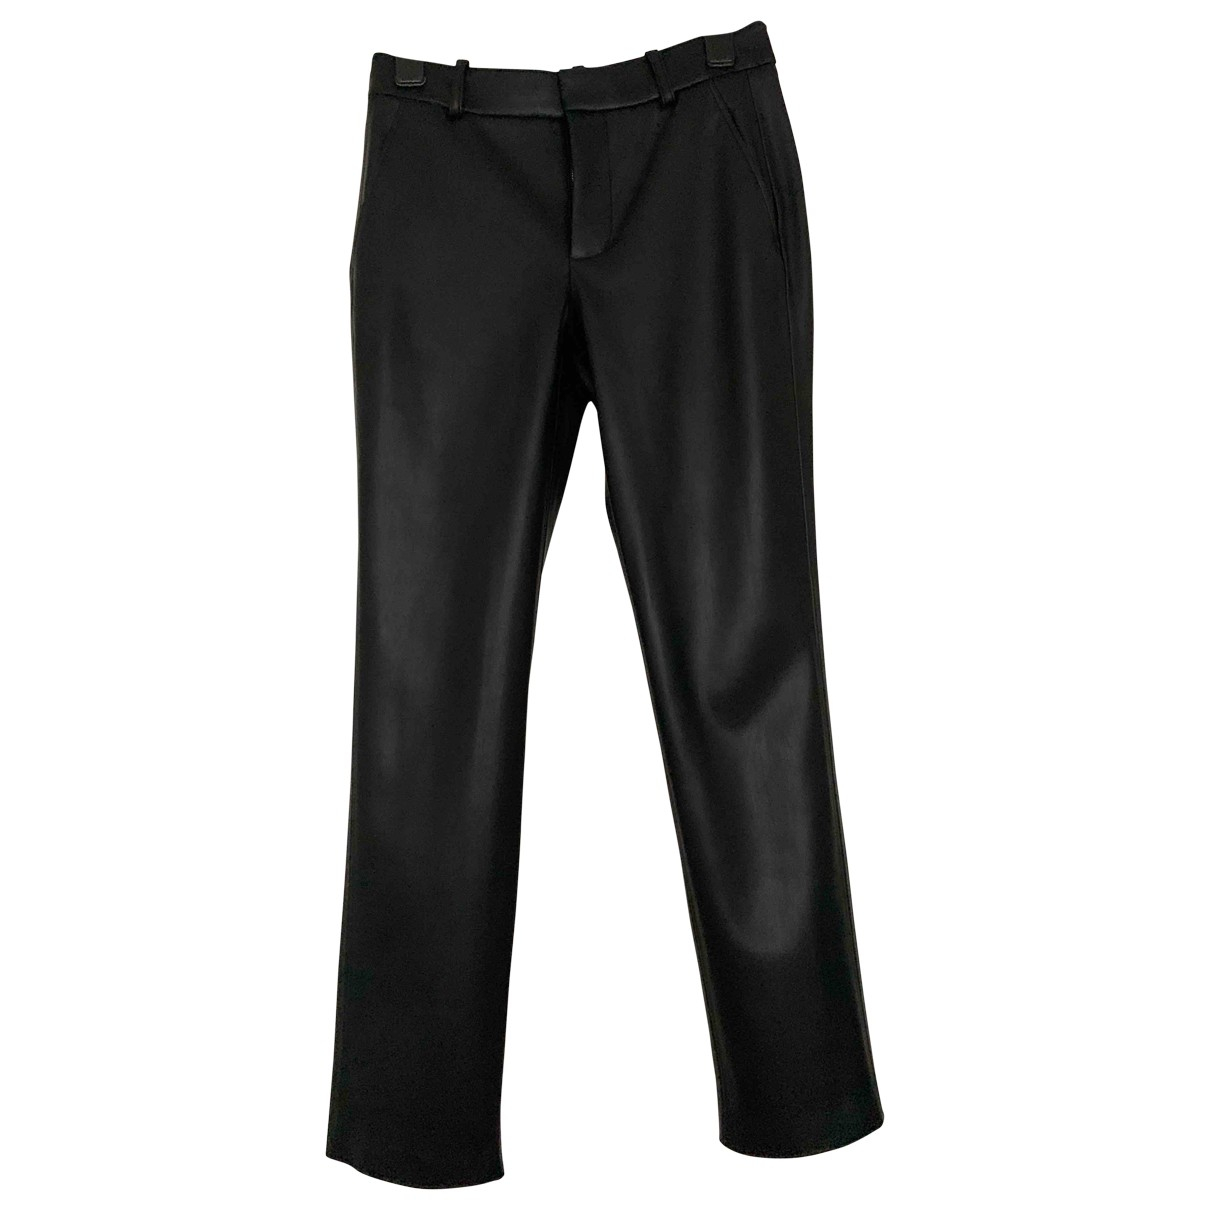 Zara - Pantalon   pour femme - noir